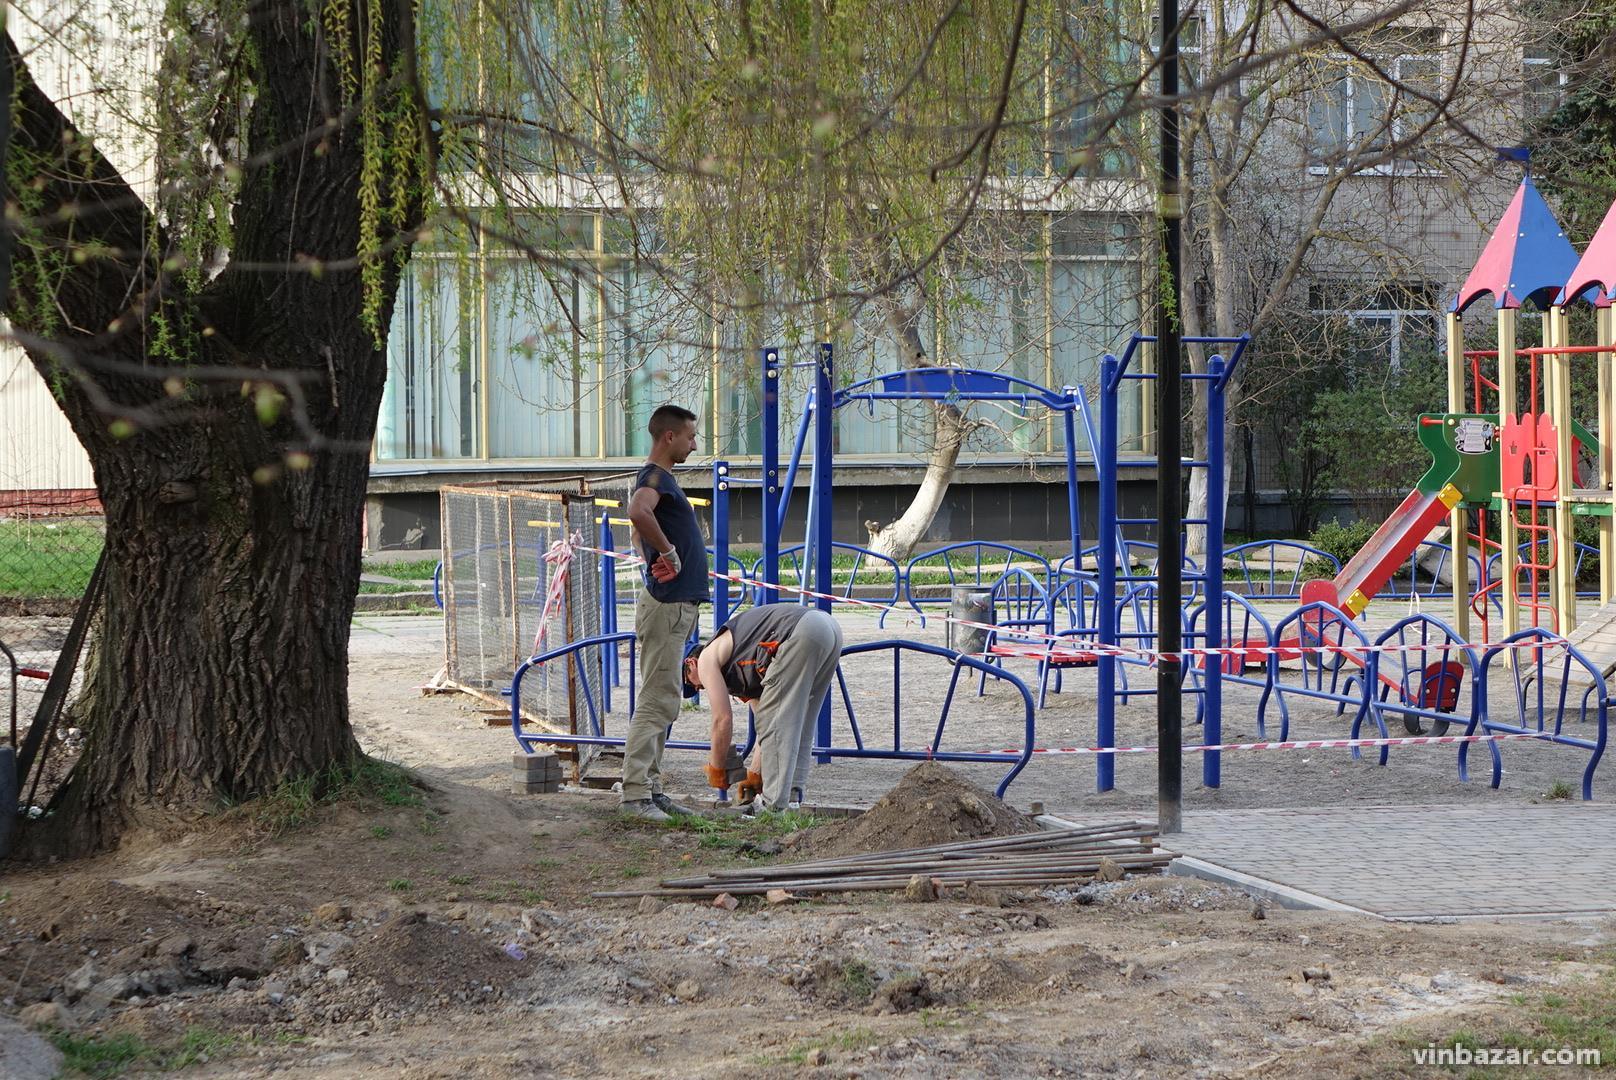 У Вінниці розпочали будівництво футбольного стадіону за 19 мільйонів гривень (Фото)